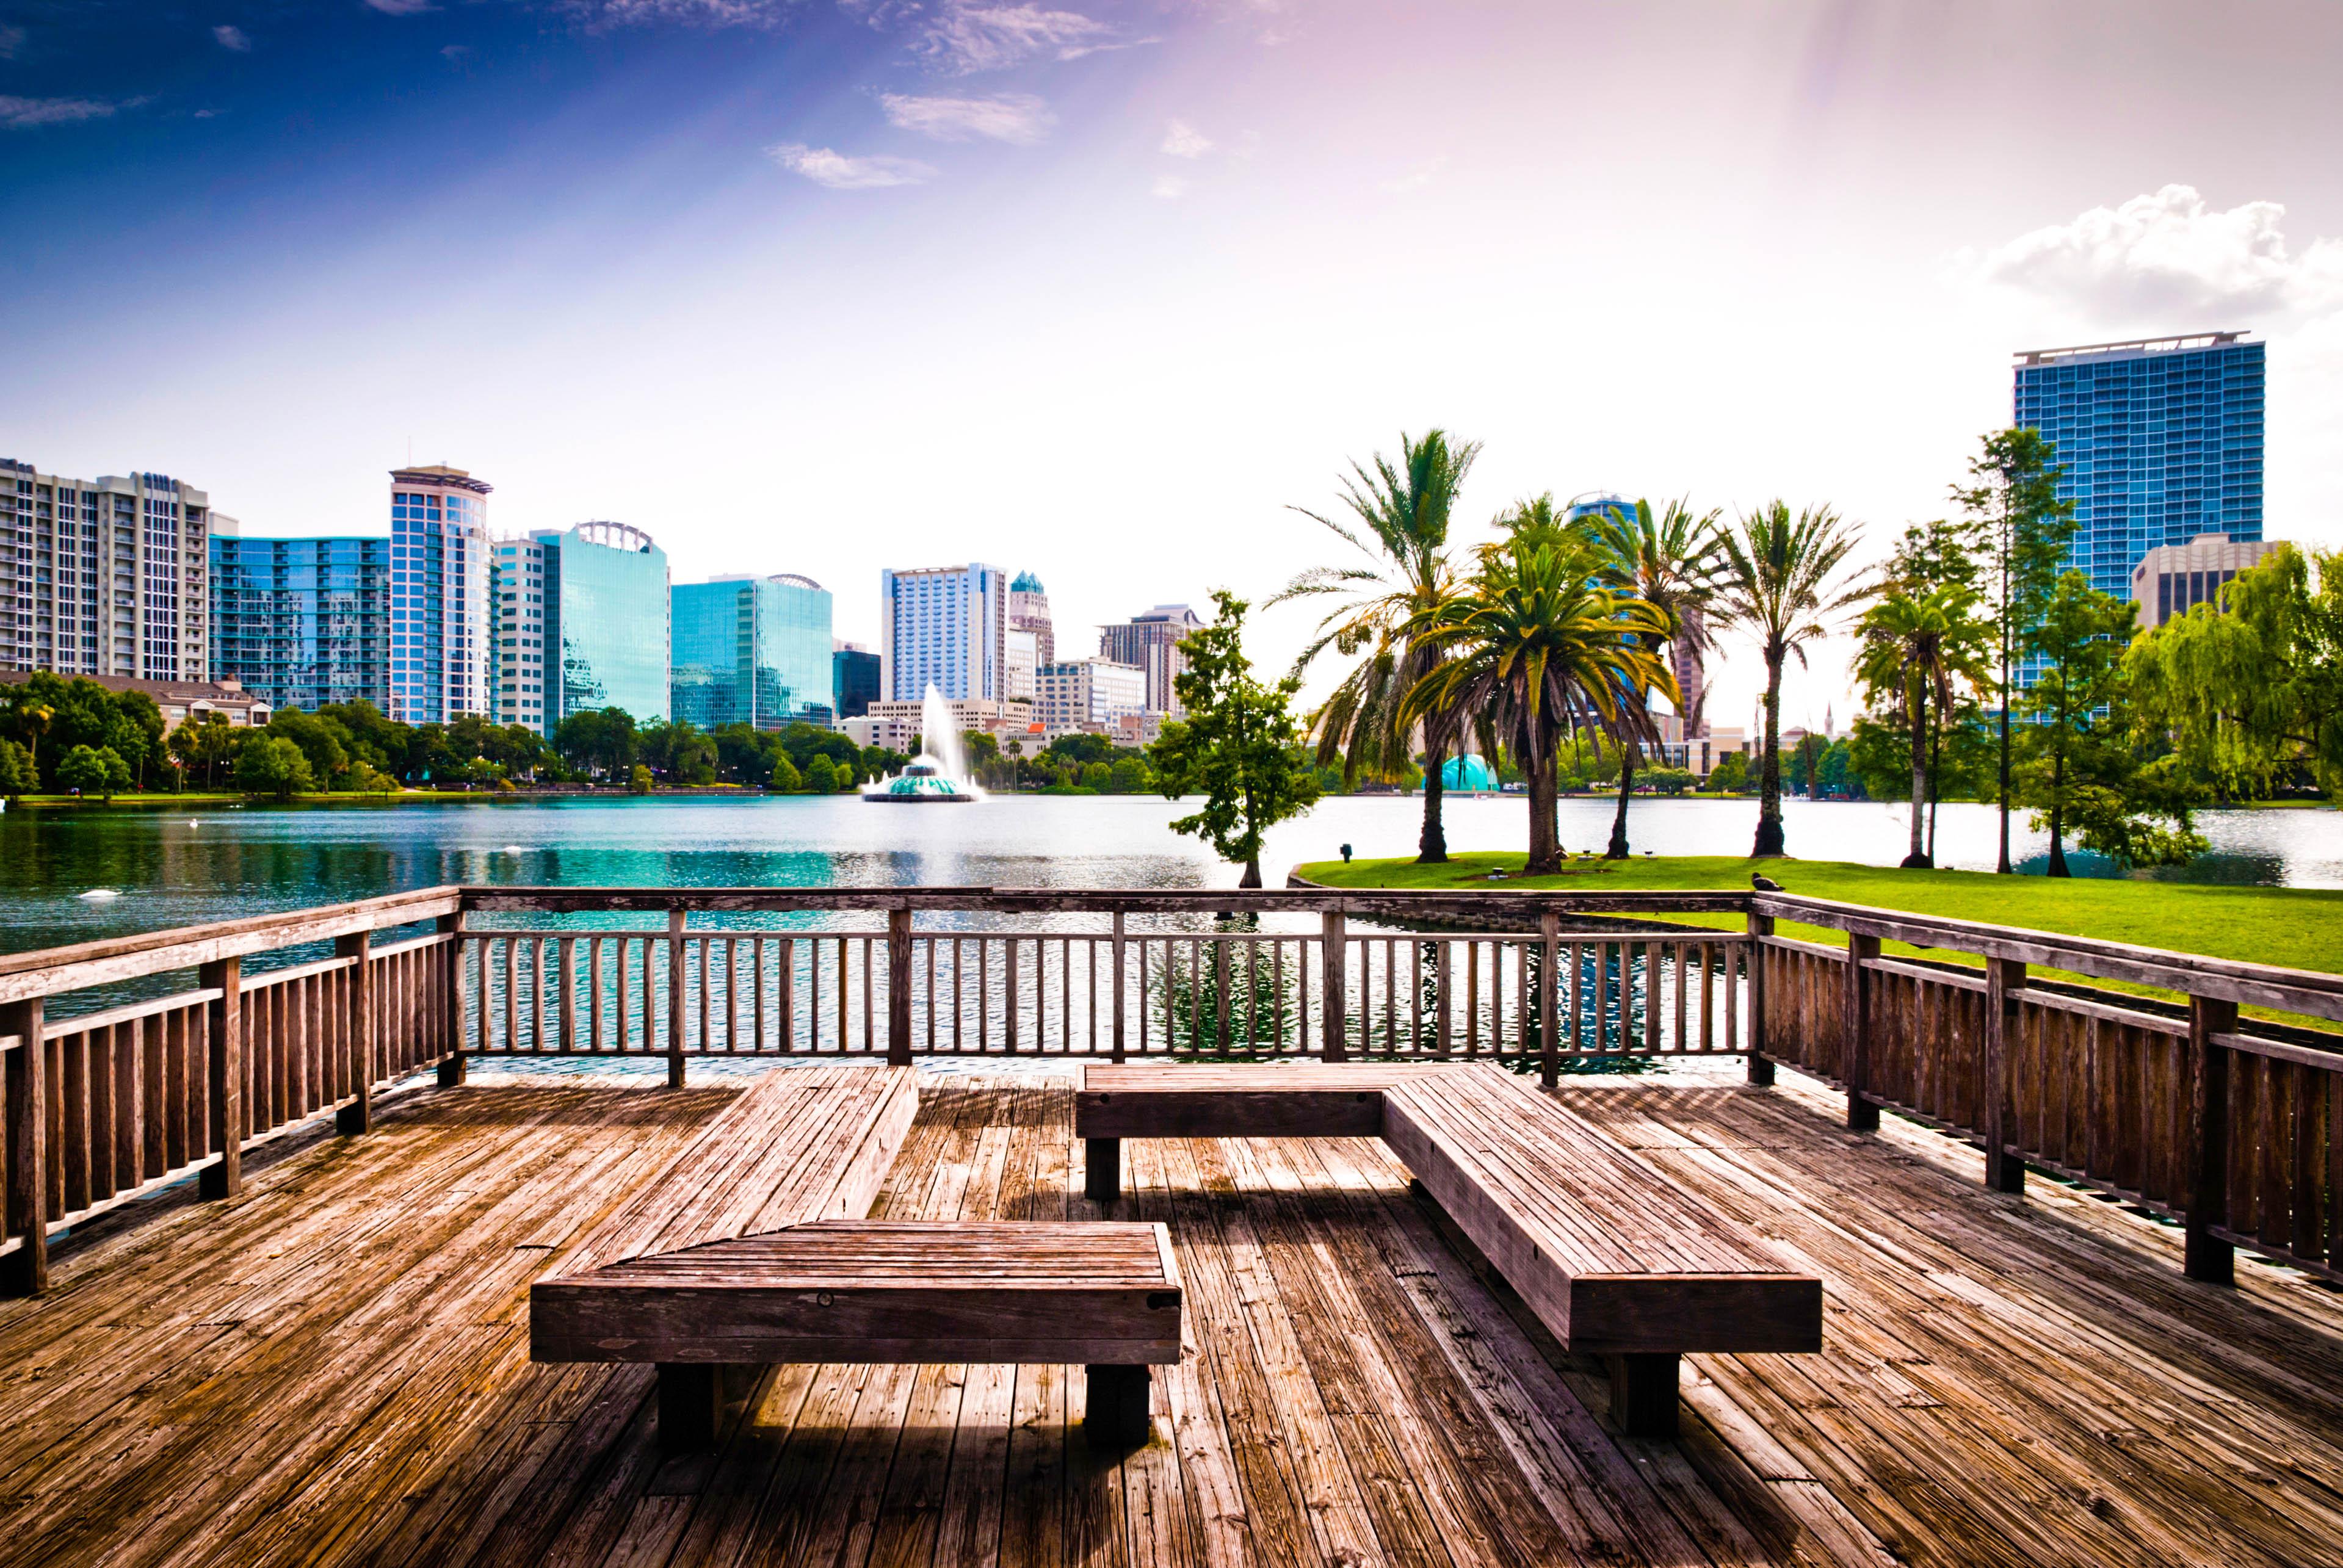 12 Tage Florida mit Mietwagen für 279€, Flug ab Amsterdam ohne Hotel